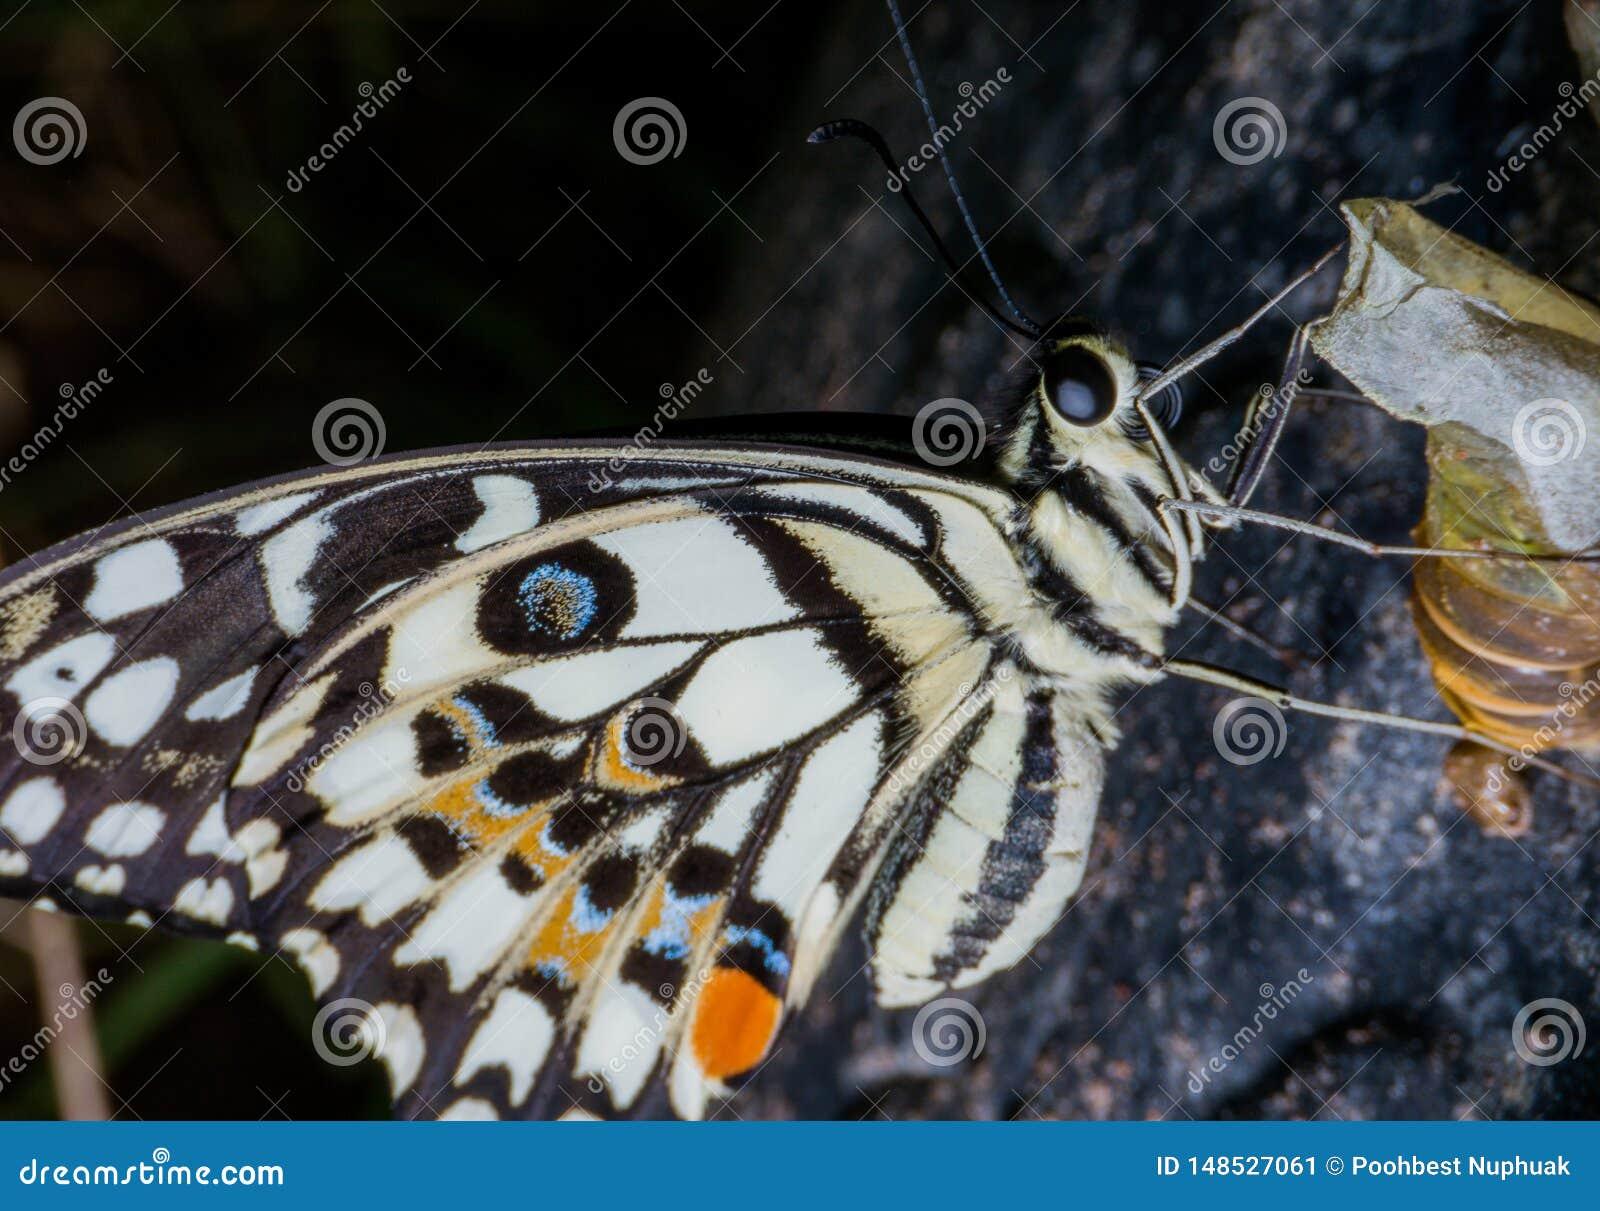 Las mariposas son los insectos que ayudan a polinizar las flores